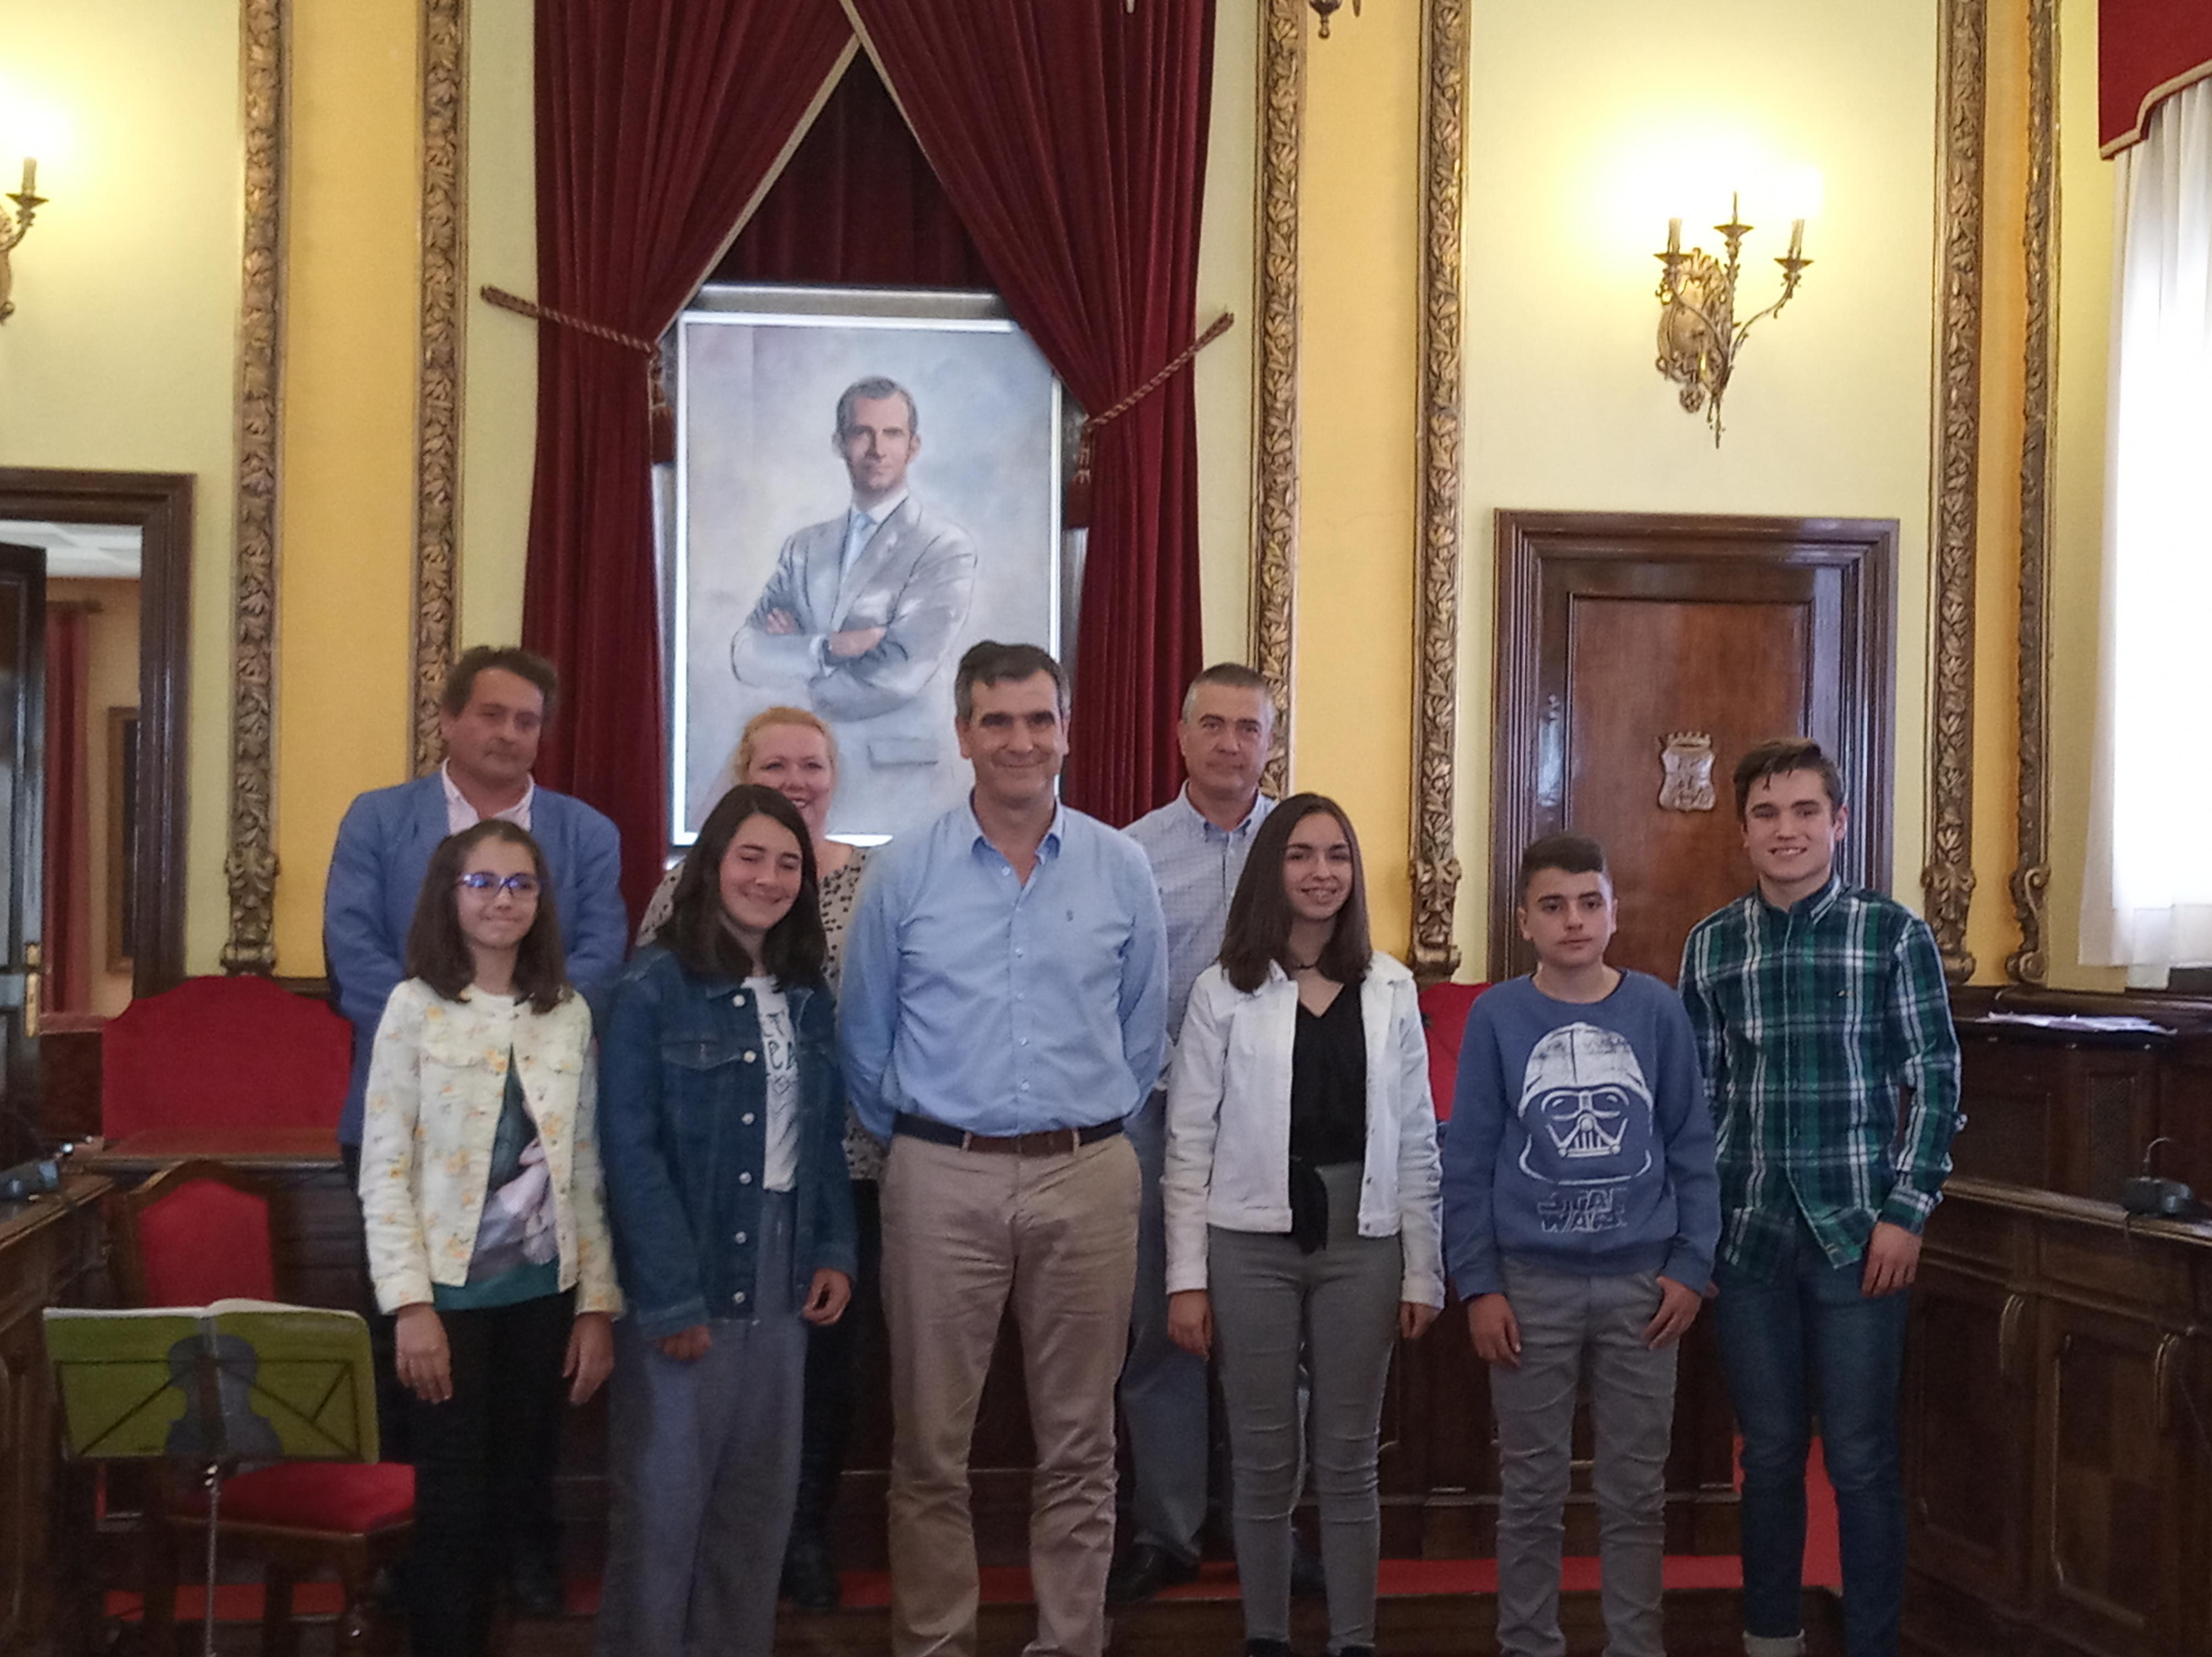 Entregados en el Ayuntamiento los premios del primer concurso literario organizado por La Camada